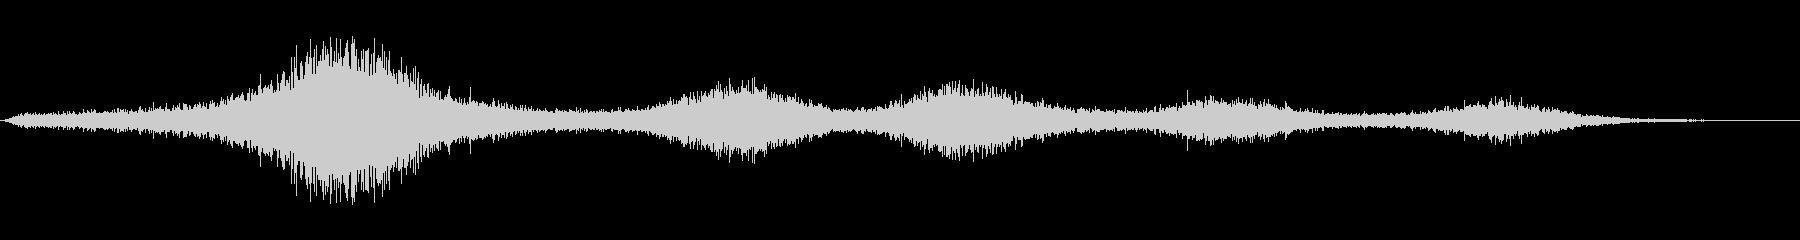 【生録音】 早朝の街 交通 環境音 28の未再生の波形